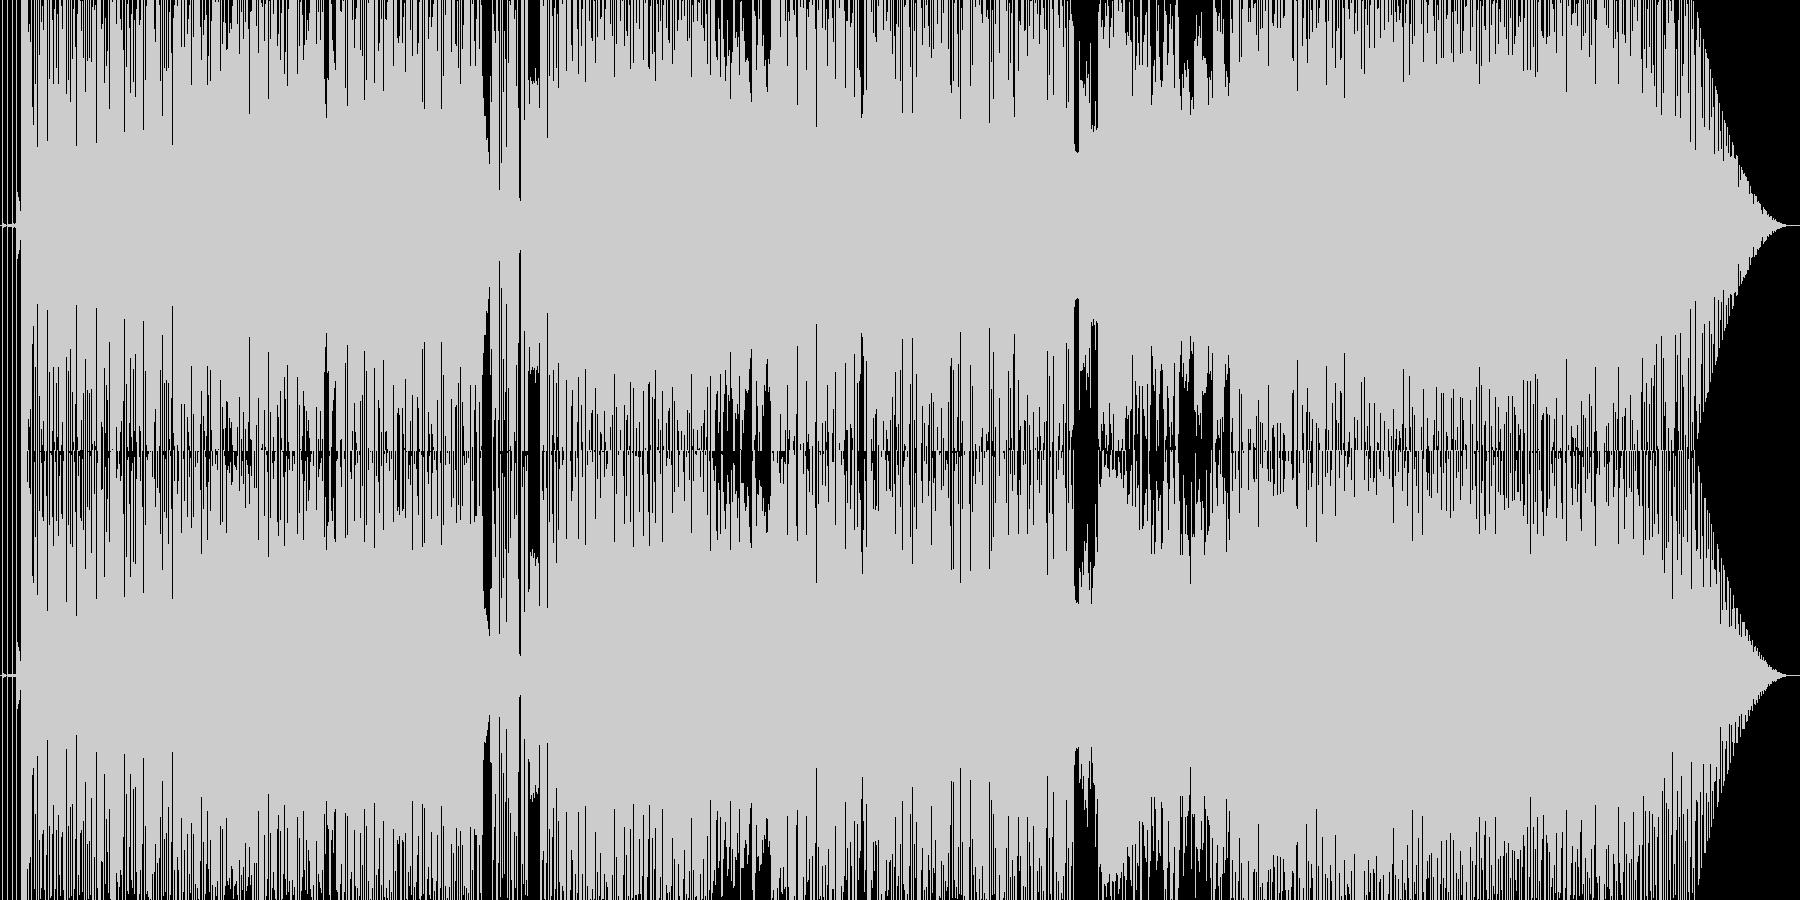 パパラッチが獲物を狙う様なイメージの曲の未再生の波形